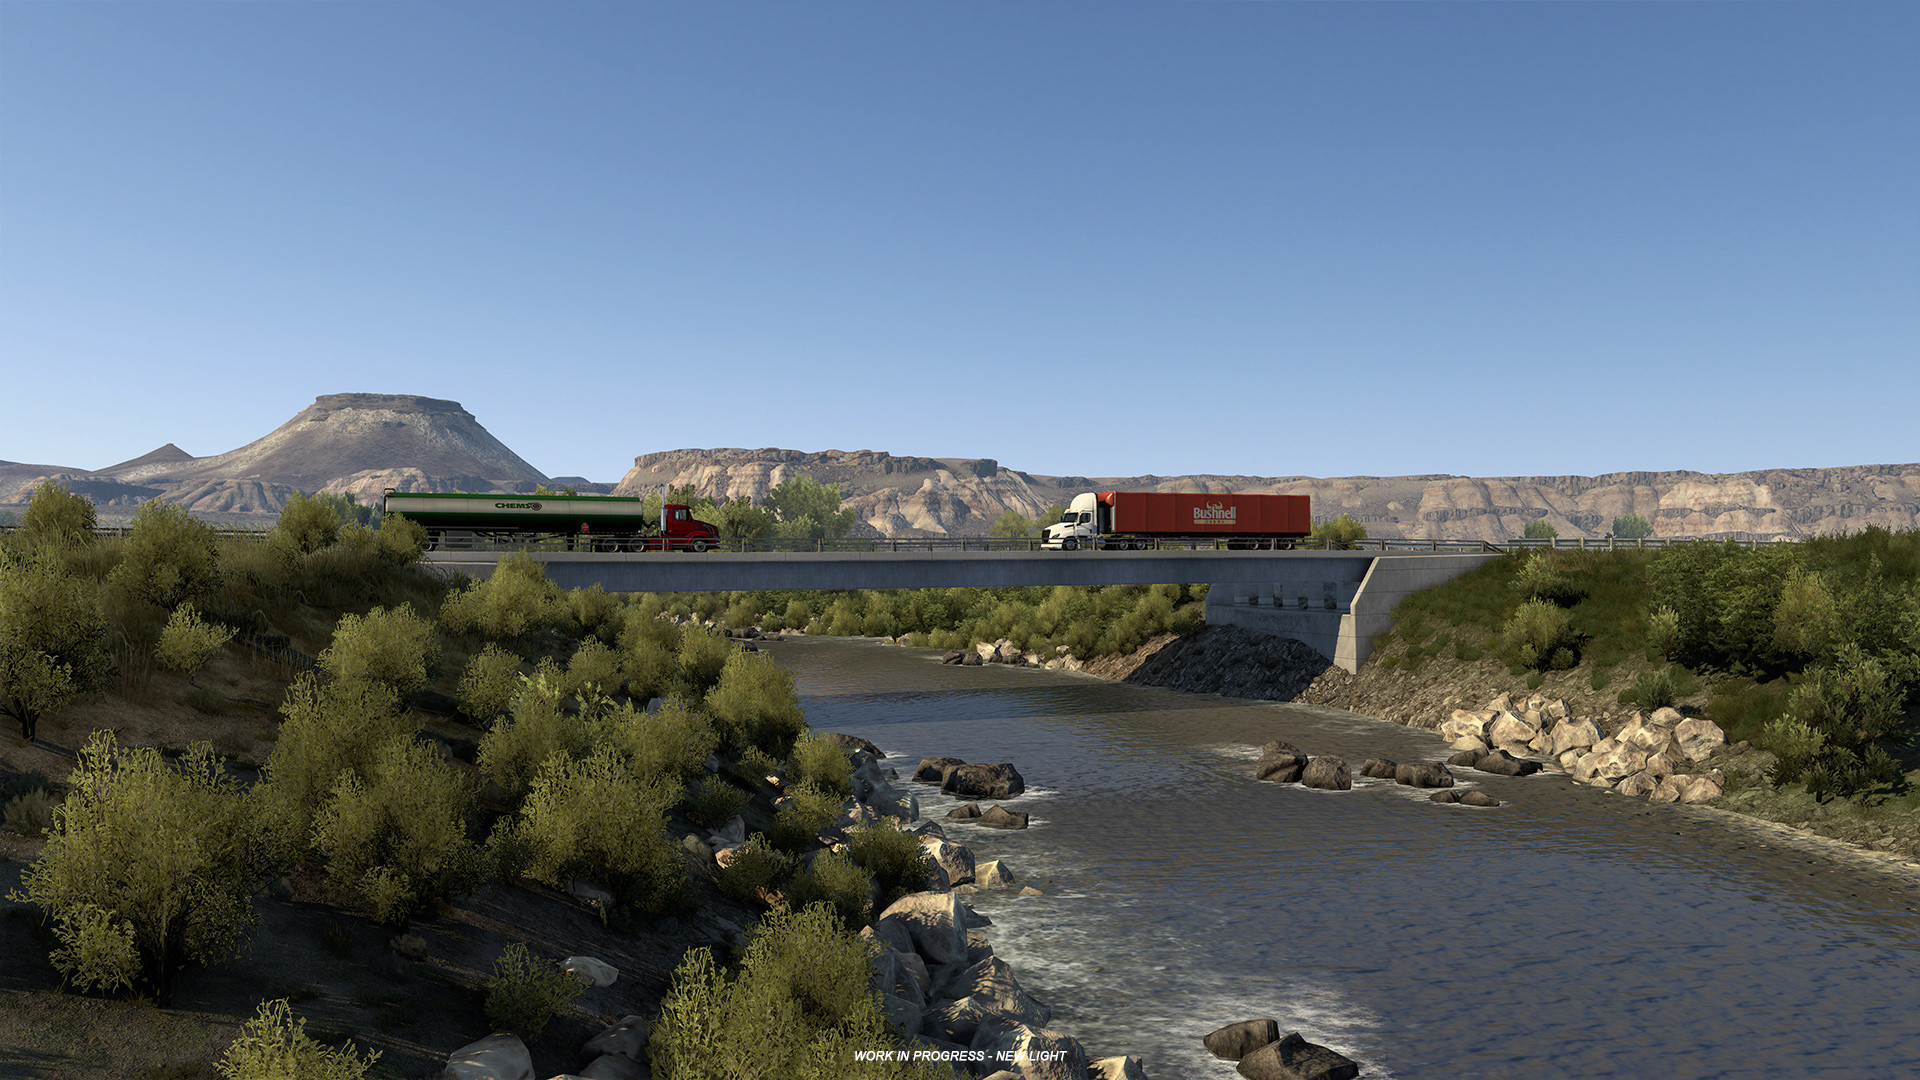 《美国卡车模拟》新DLC怀俄明预告上线 9月7日正式解锁